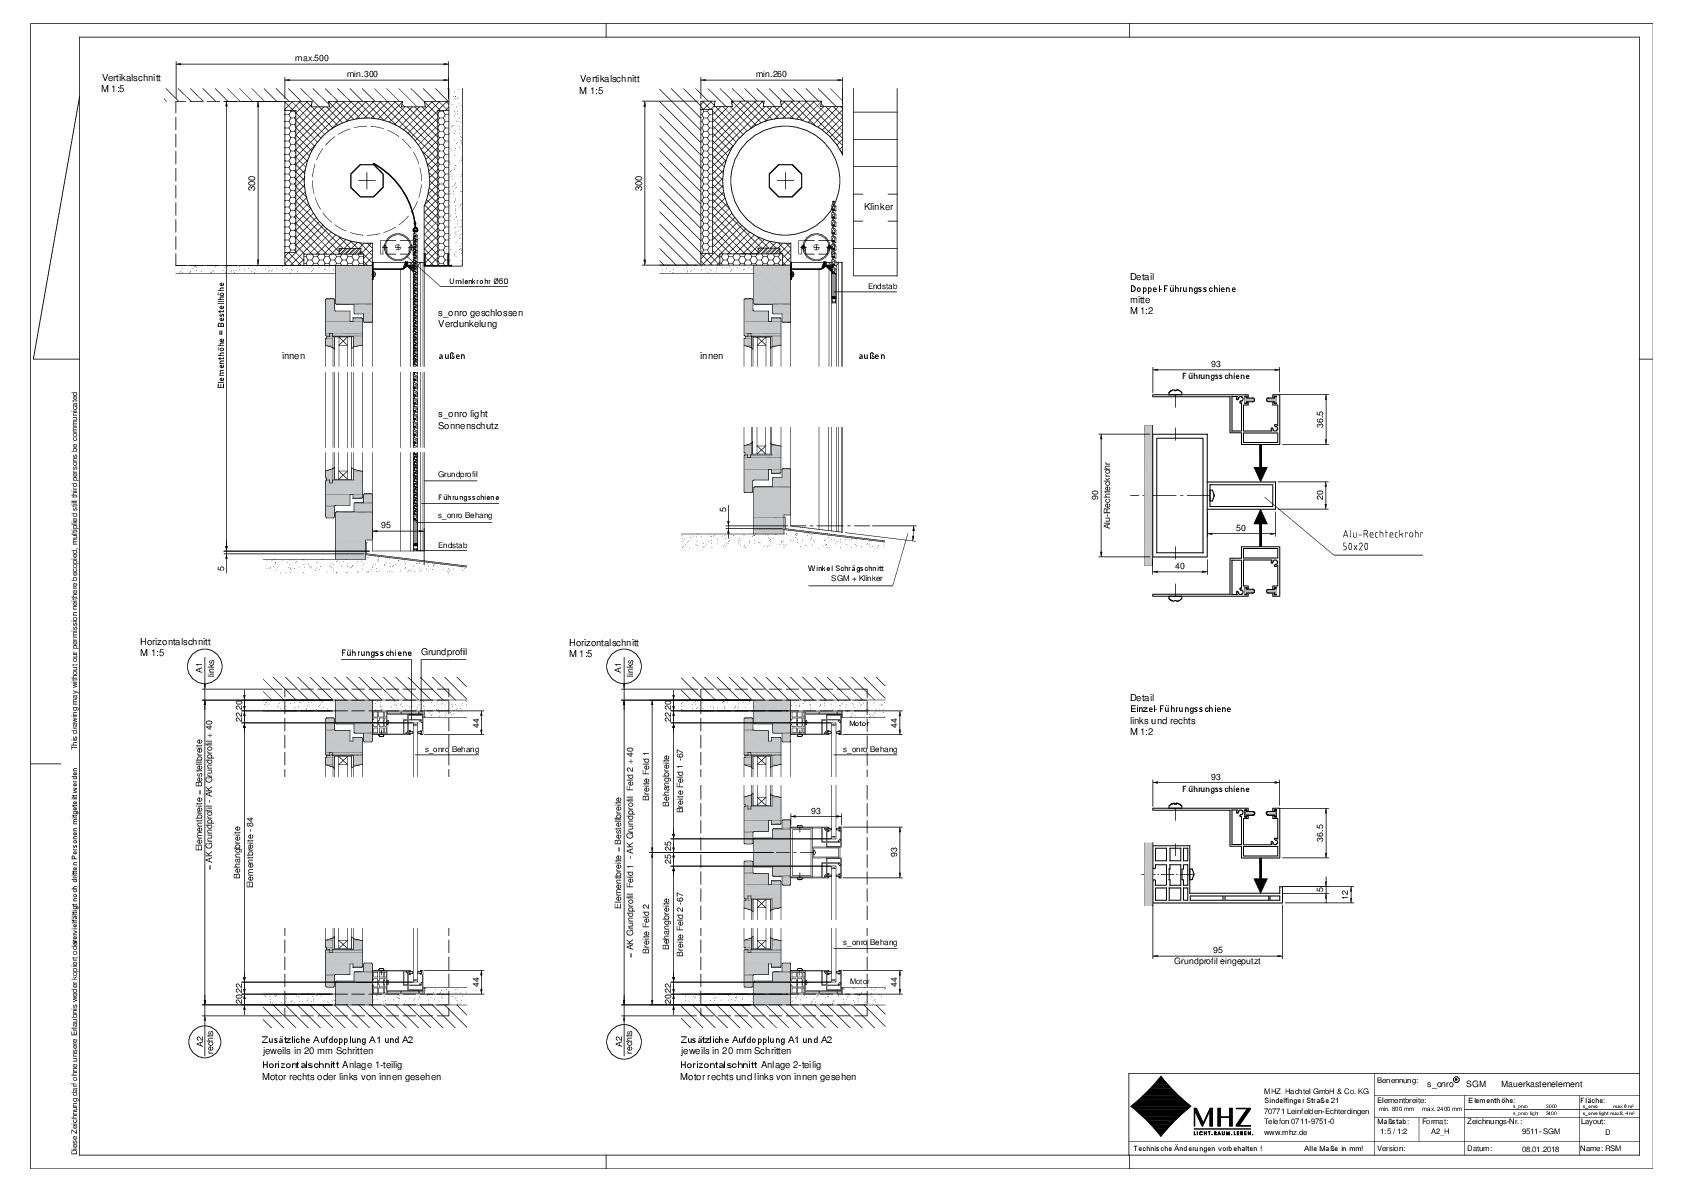 Technische Zeichnung pdf Metallbehang s_onro Aufsatz SGM